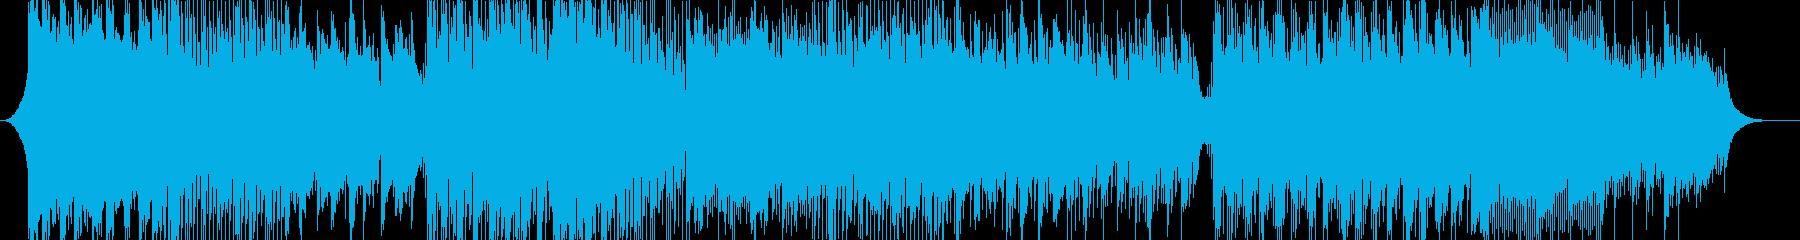 未来へ-PV-幕開け-企業-CM-映像の再生済みの波形